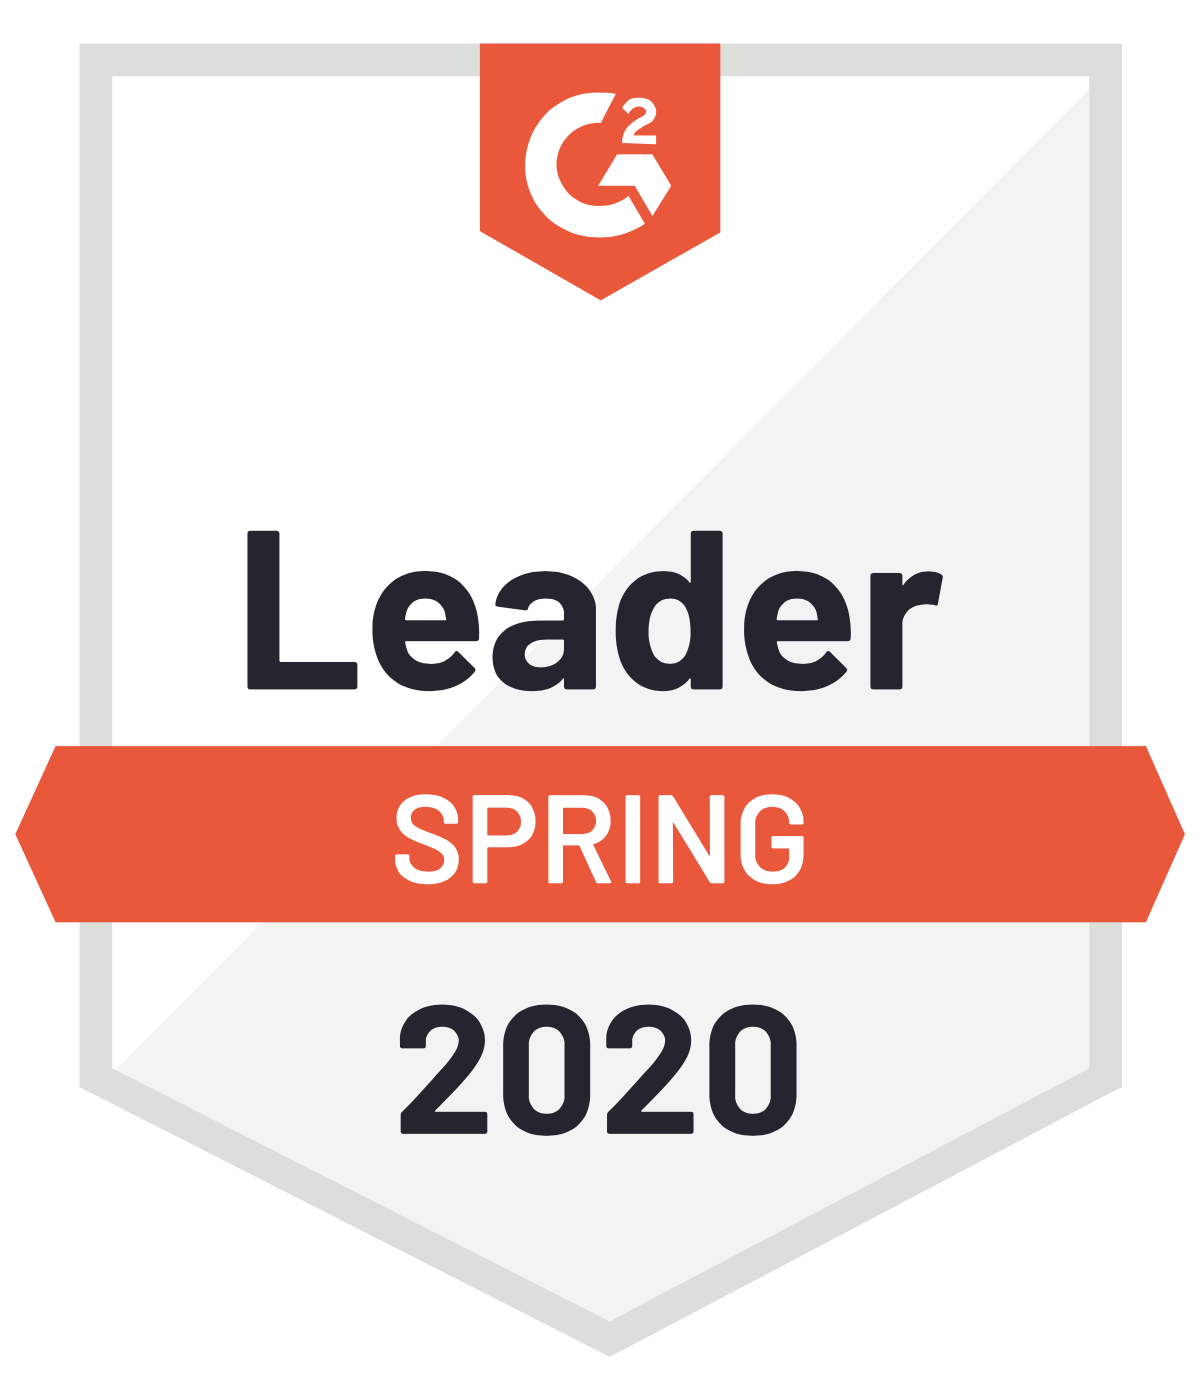 G2-Leader-2020-JobDiva